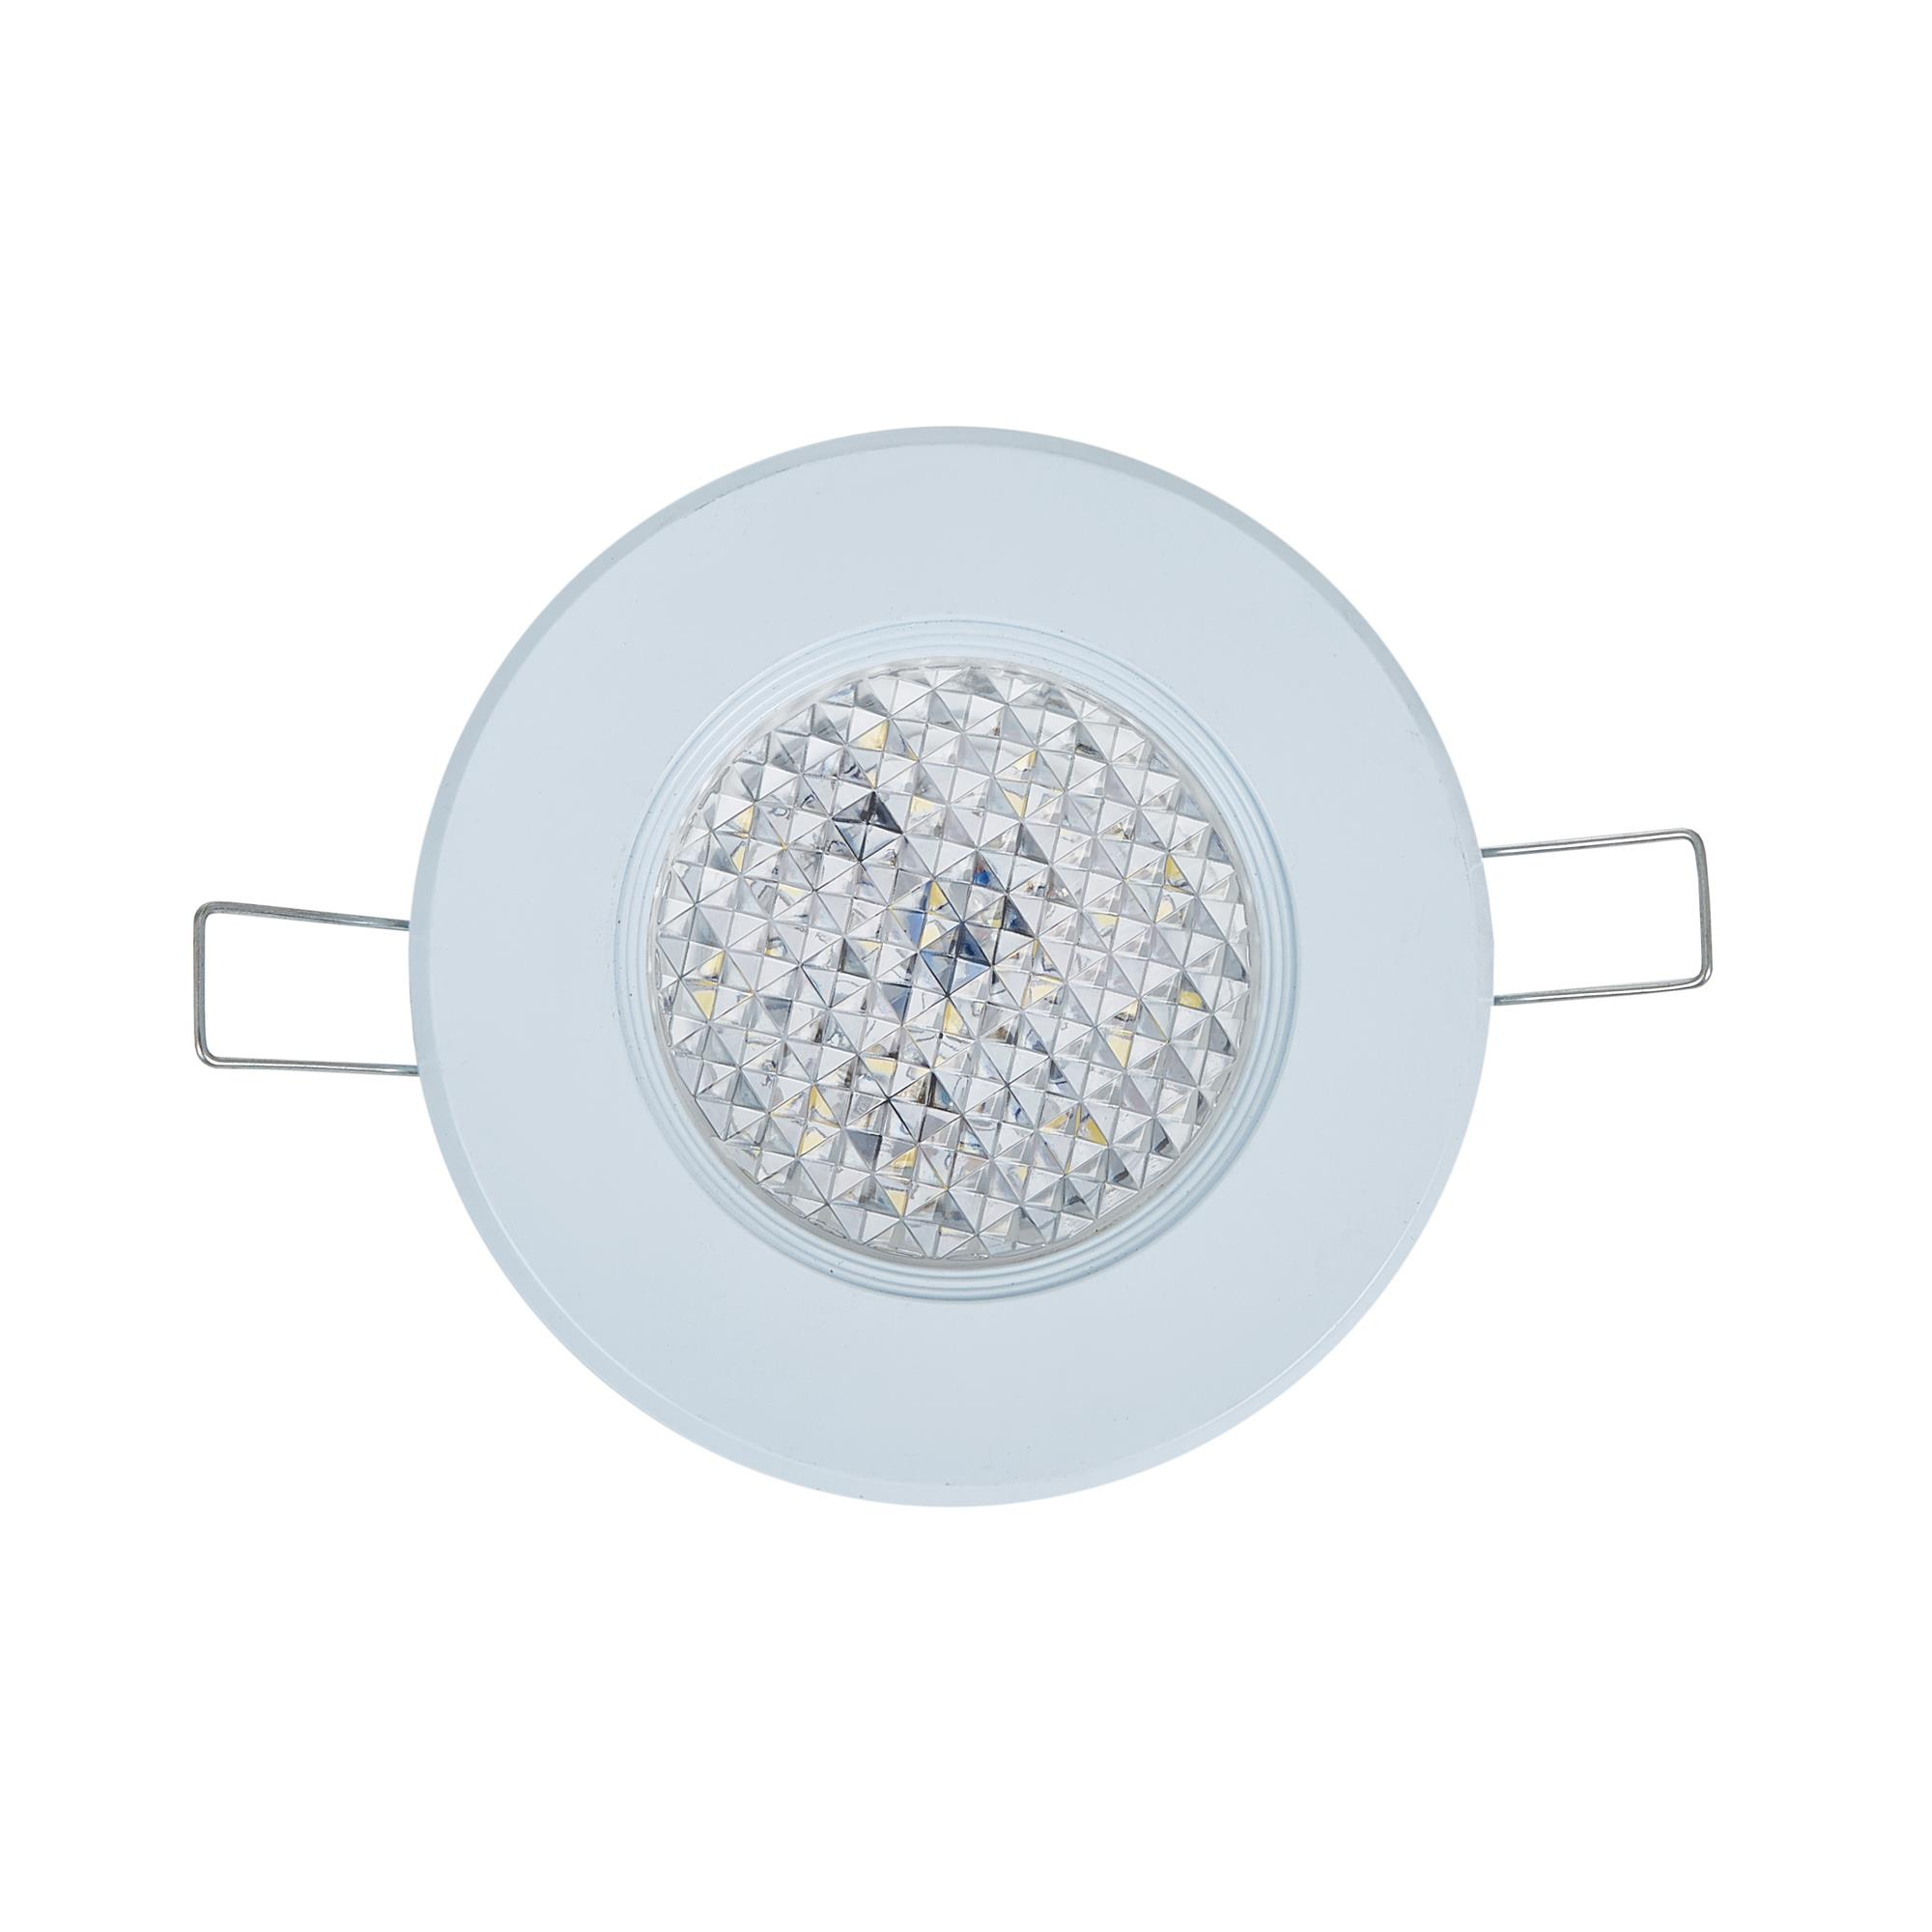 ZUMLED ZUM-TR 3W LED SPOT ARMATÜR (200)